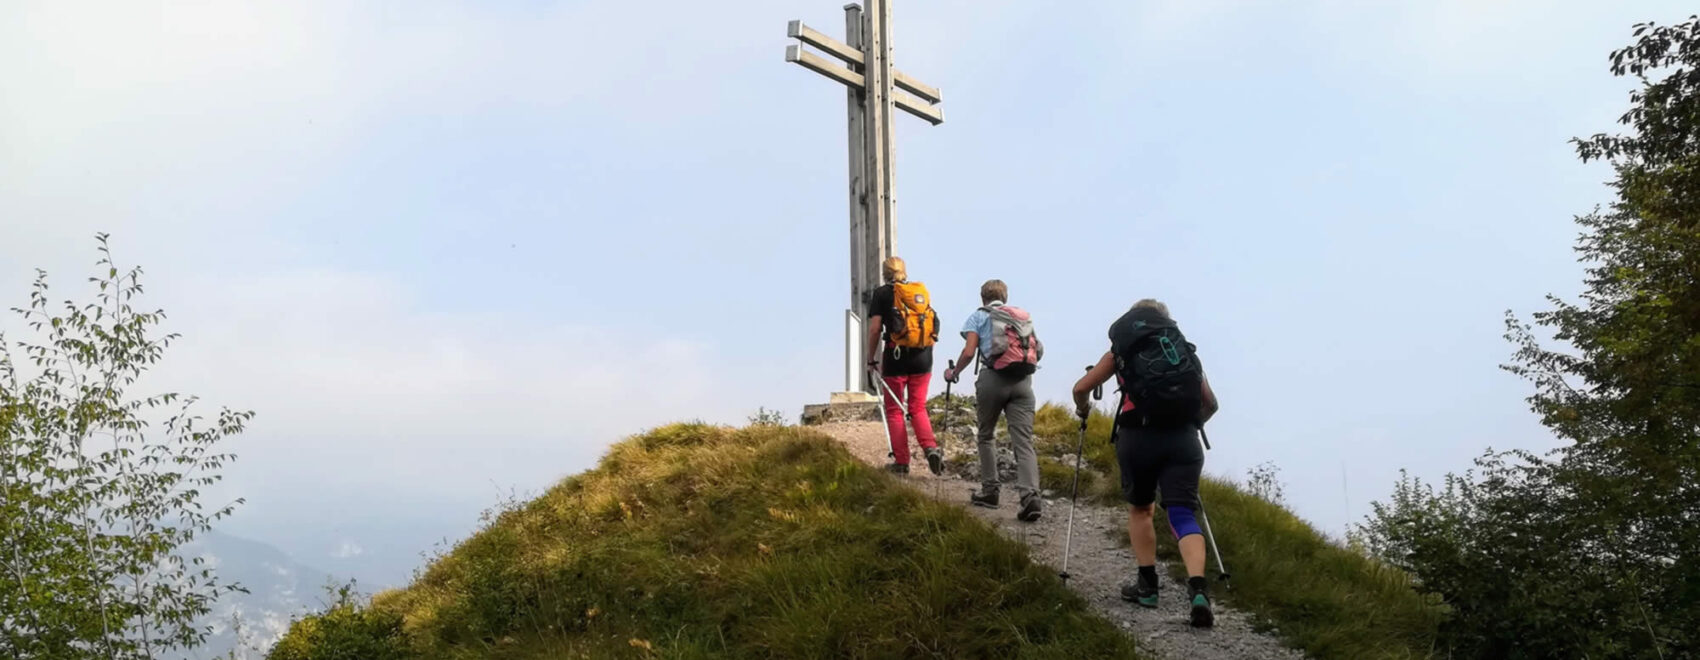 Ormai giunti alla Croce di Perle